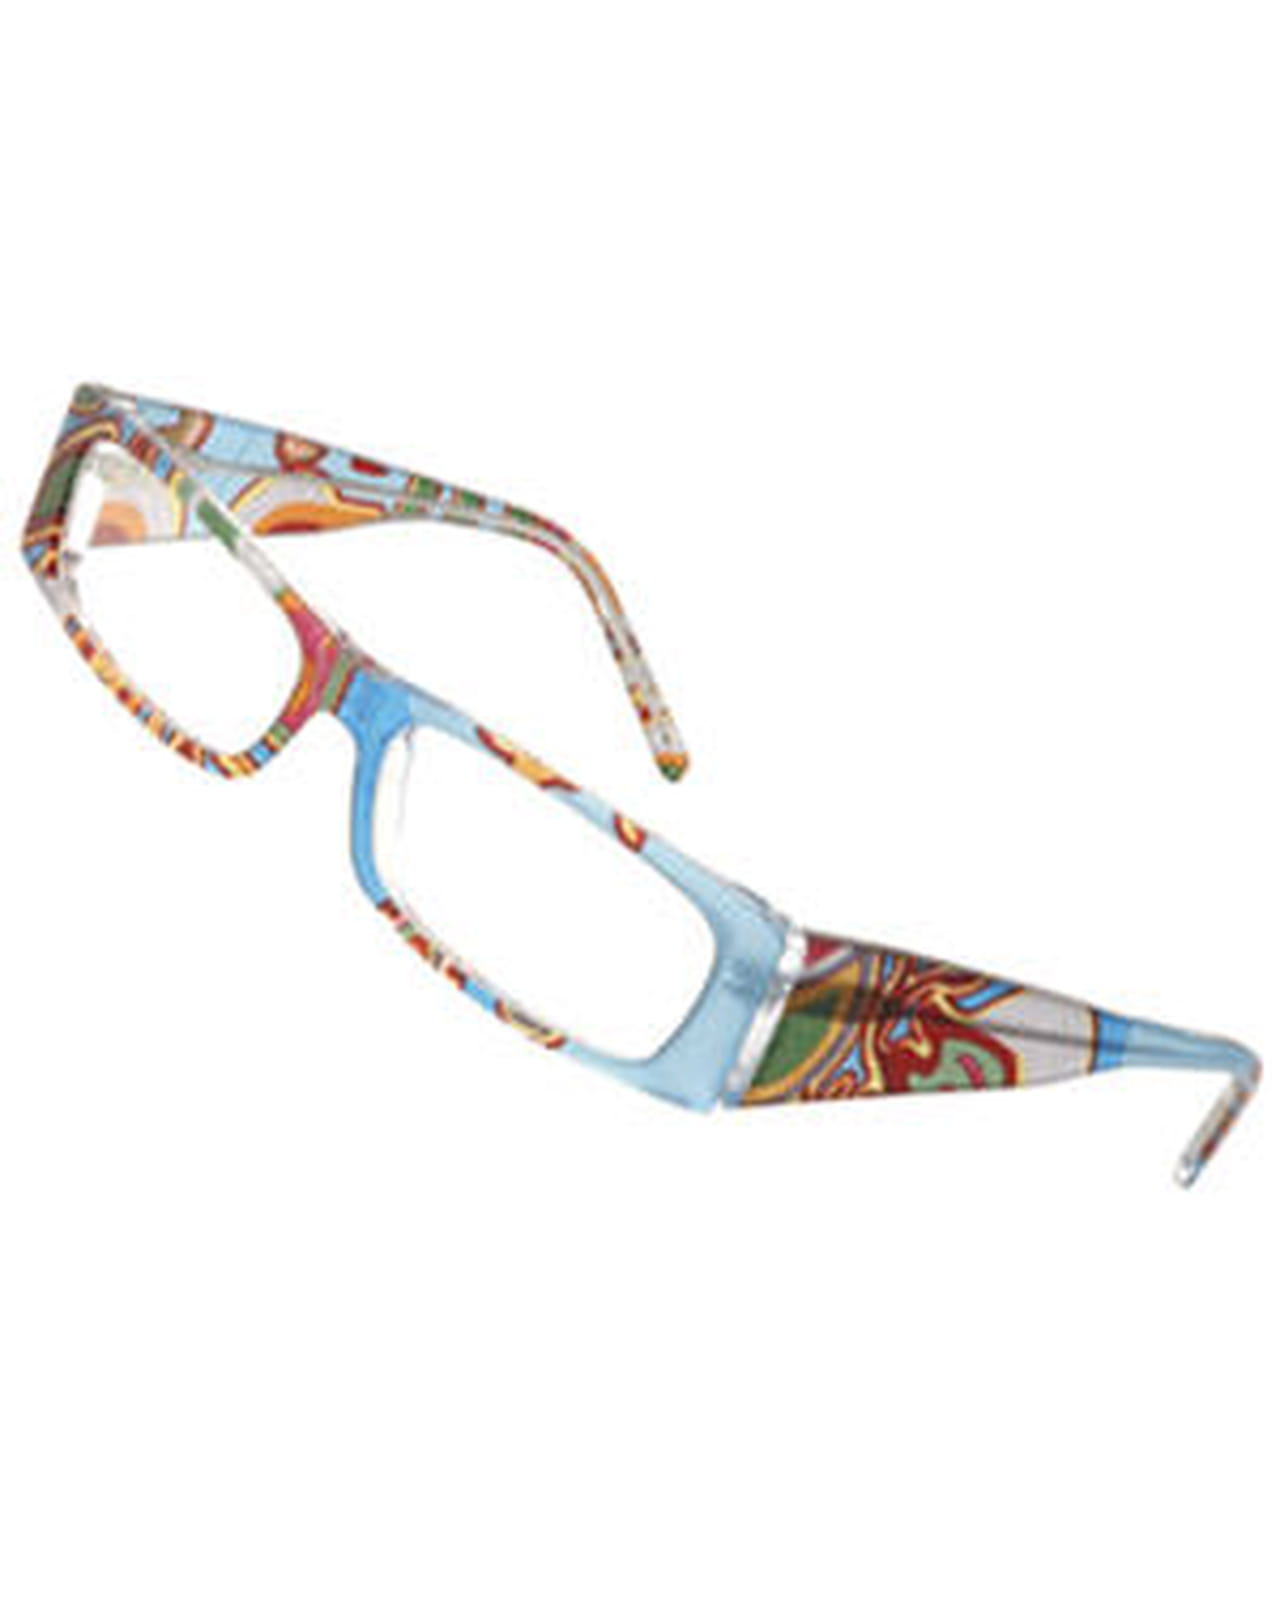 nouvelles images de les dernières nouveautés invaincu x ▷ Montures lunettes de vue femme originales : Infos et ...